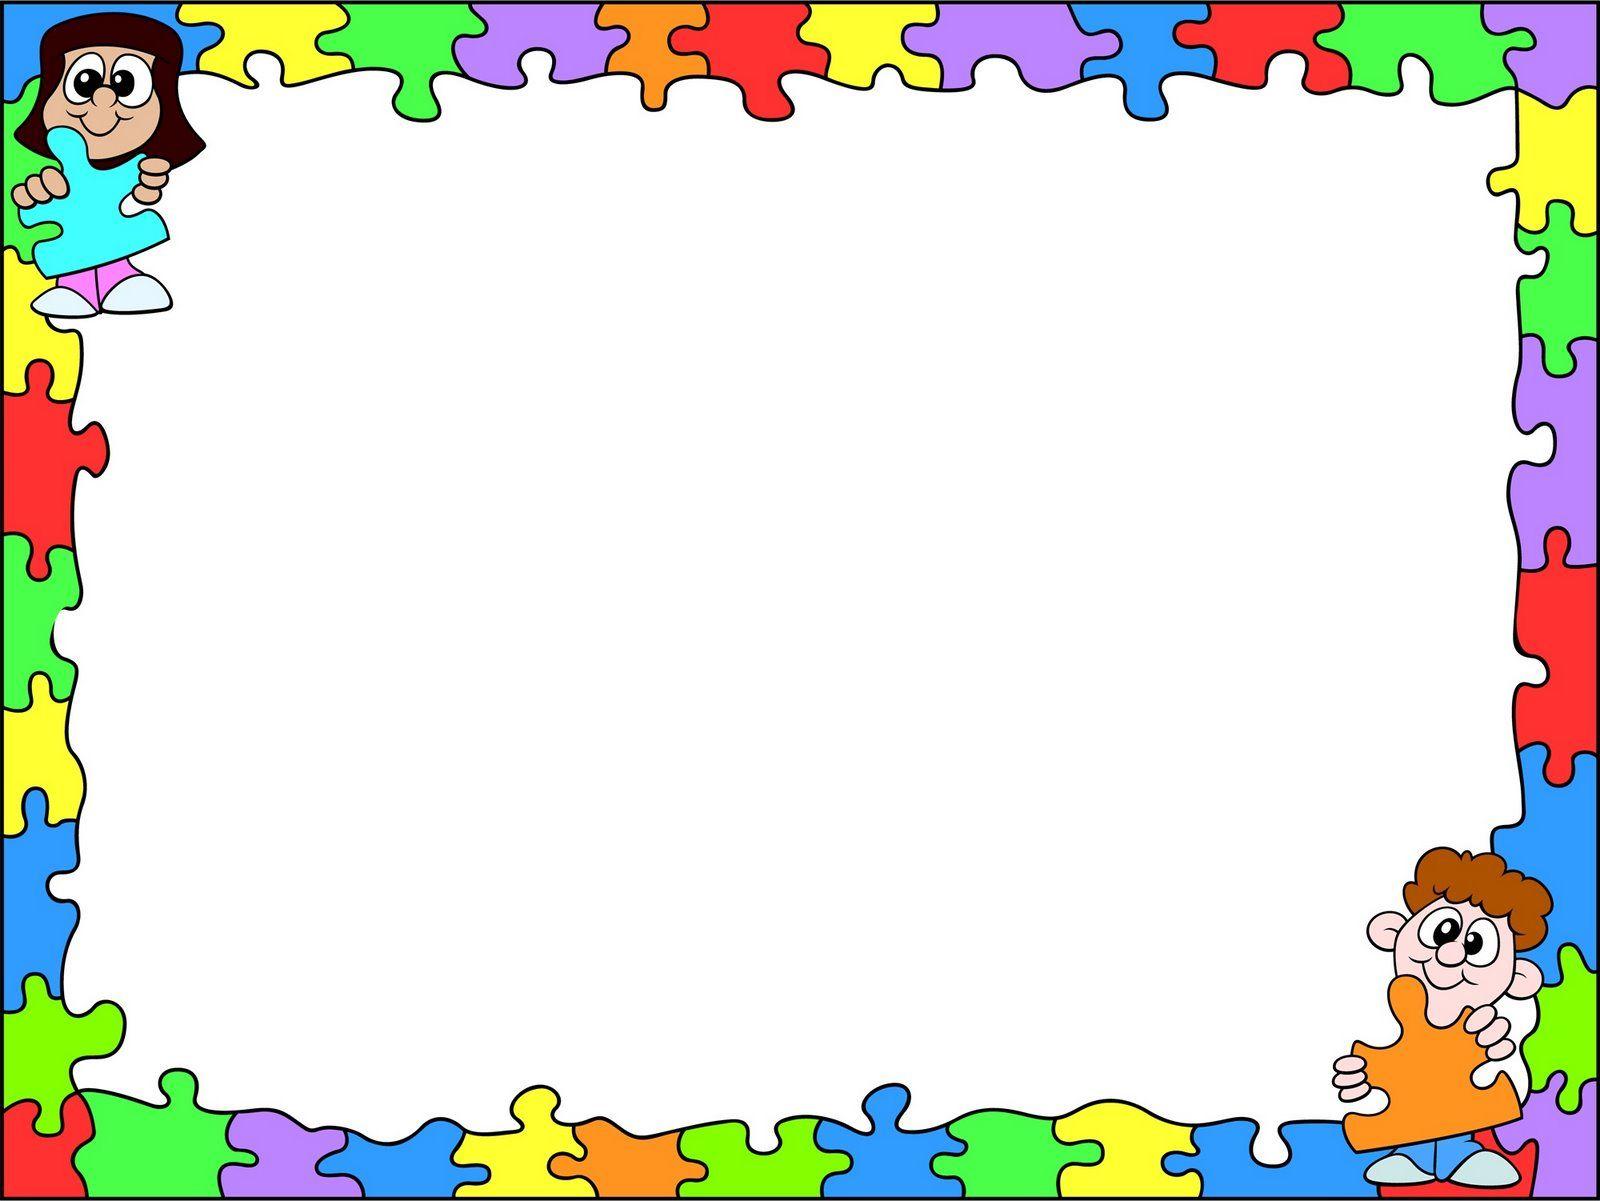 marcos y bordes escolares 29 | Marcos .Bordes | Pinterest | Marcos ...